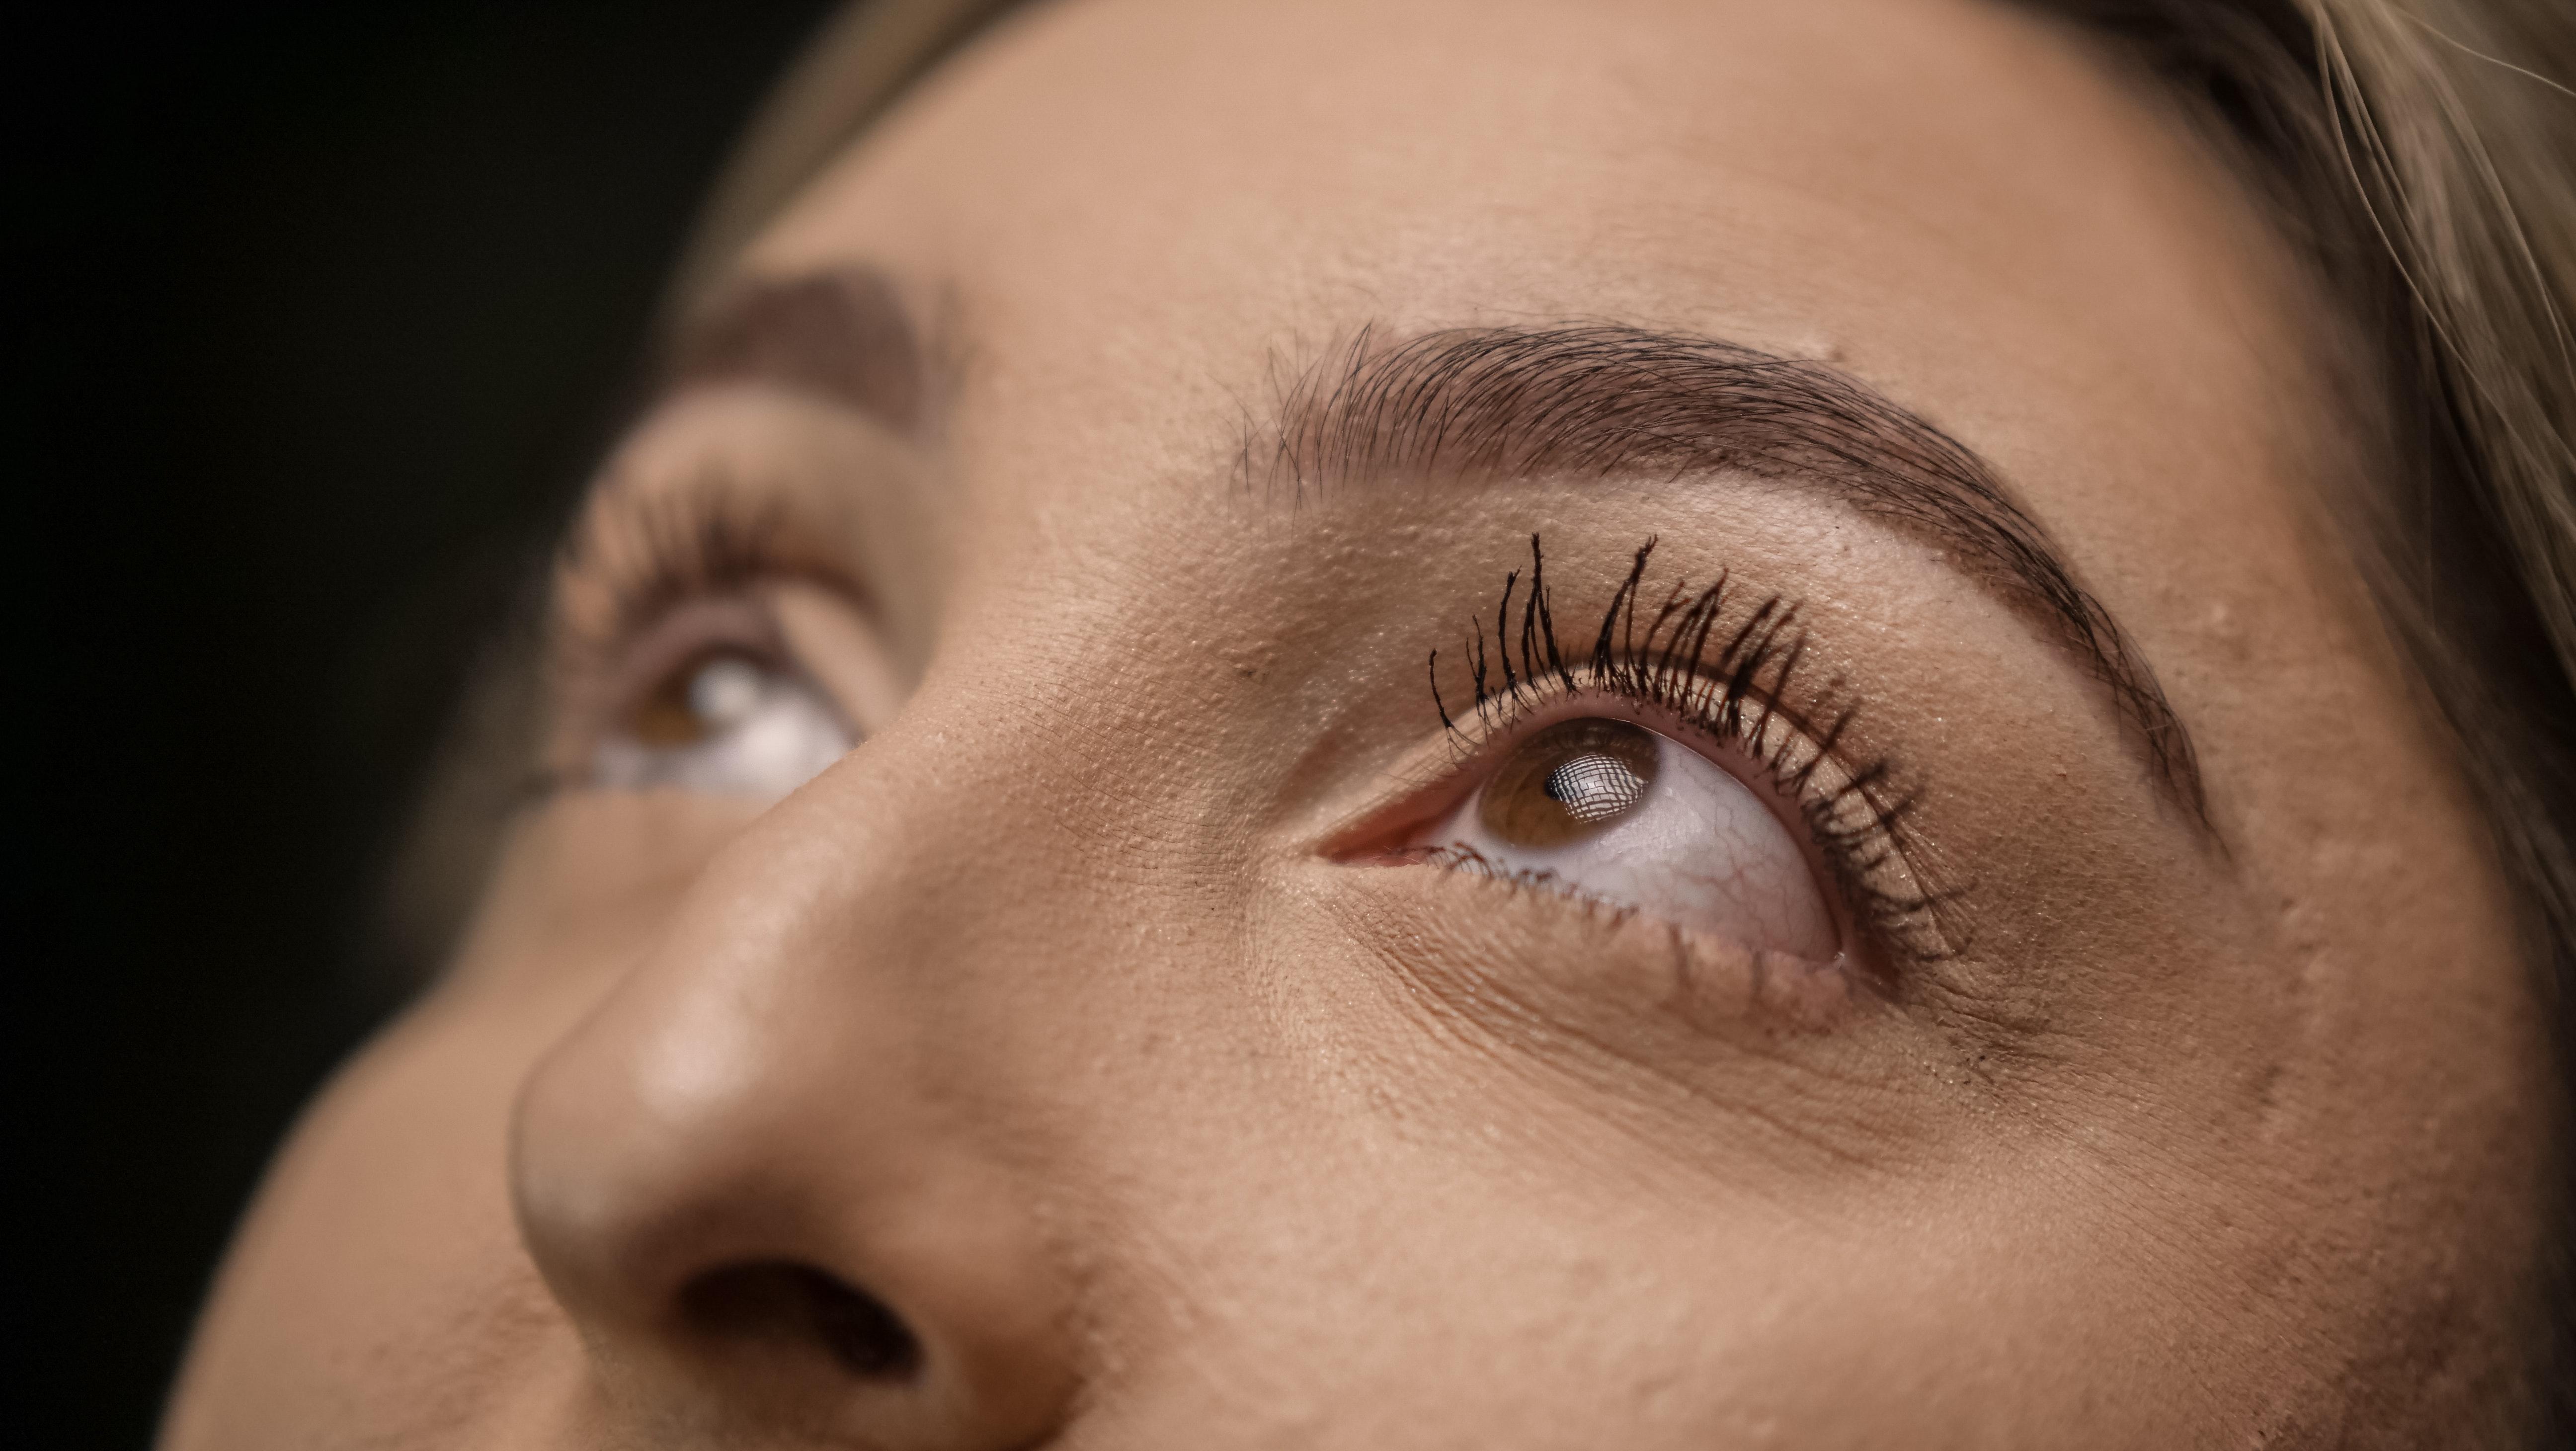 Cirugia ocular, posibibilidad de quedar ciego, cierto o falso.